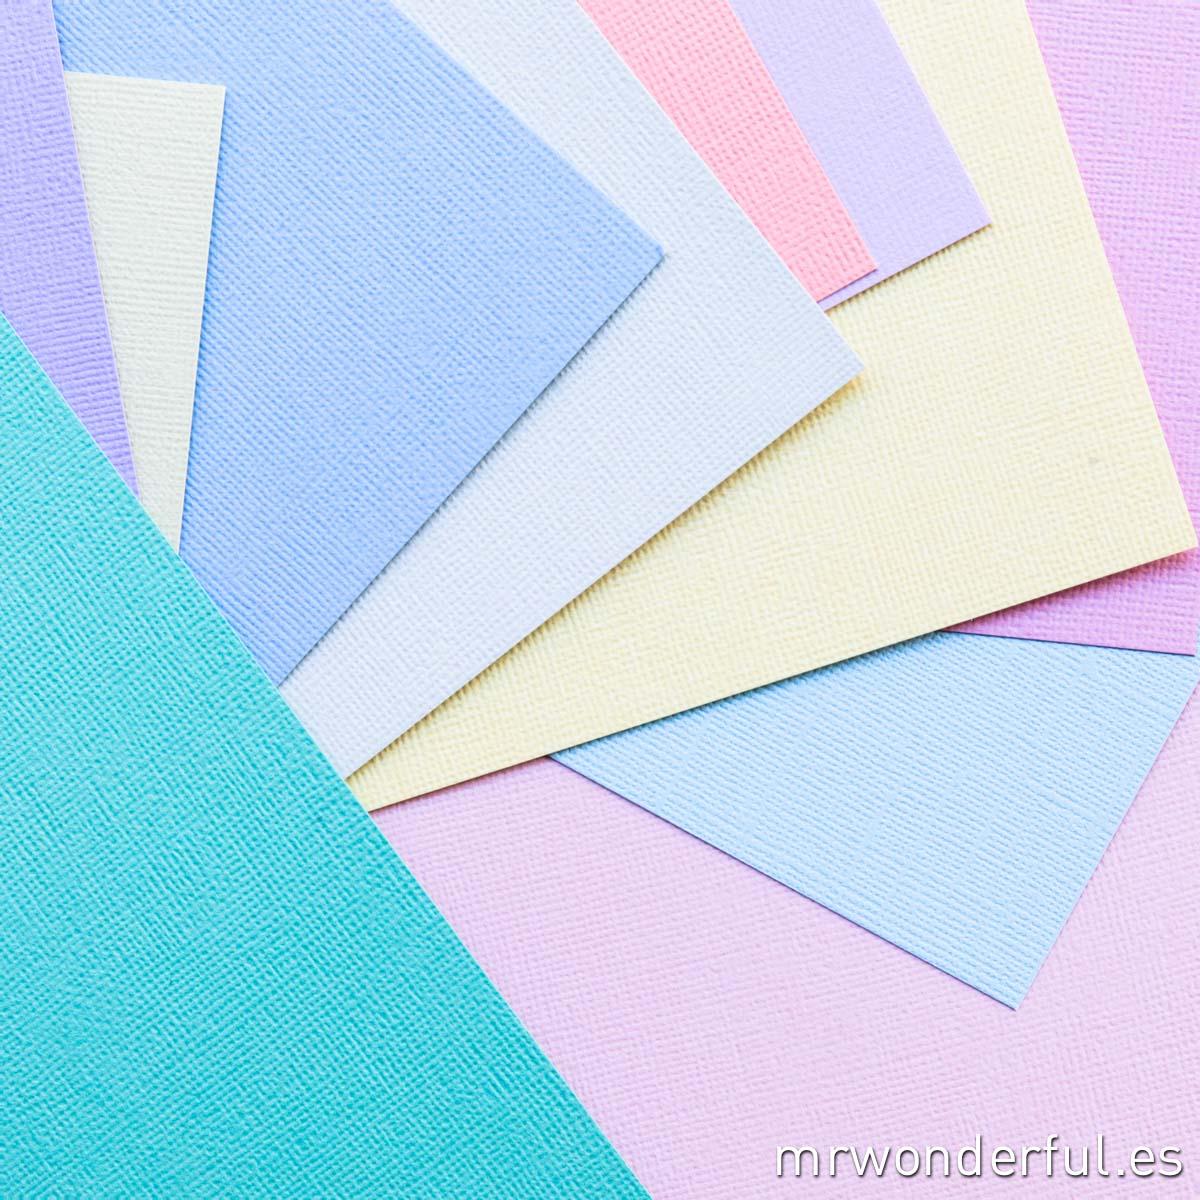 mrwonderfulshop_71276_papeles_color_pastel_con_textura_para_scrap_02